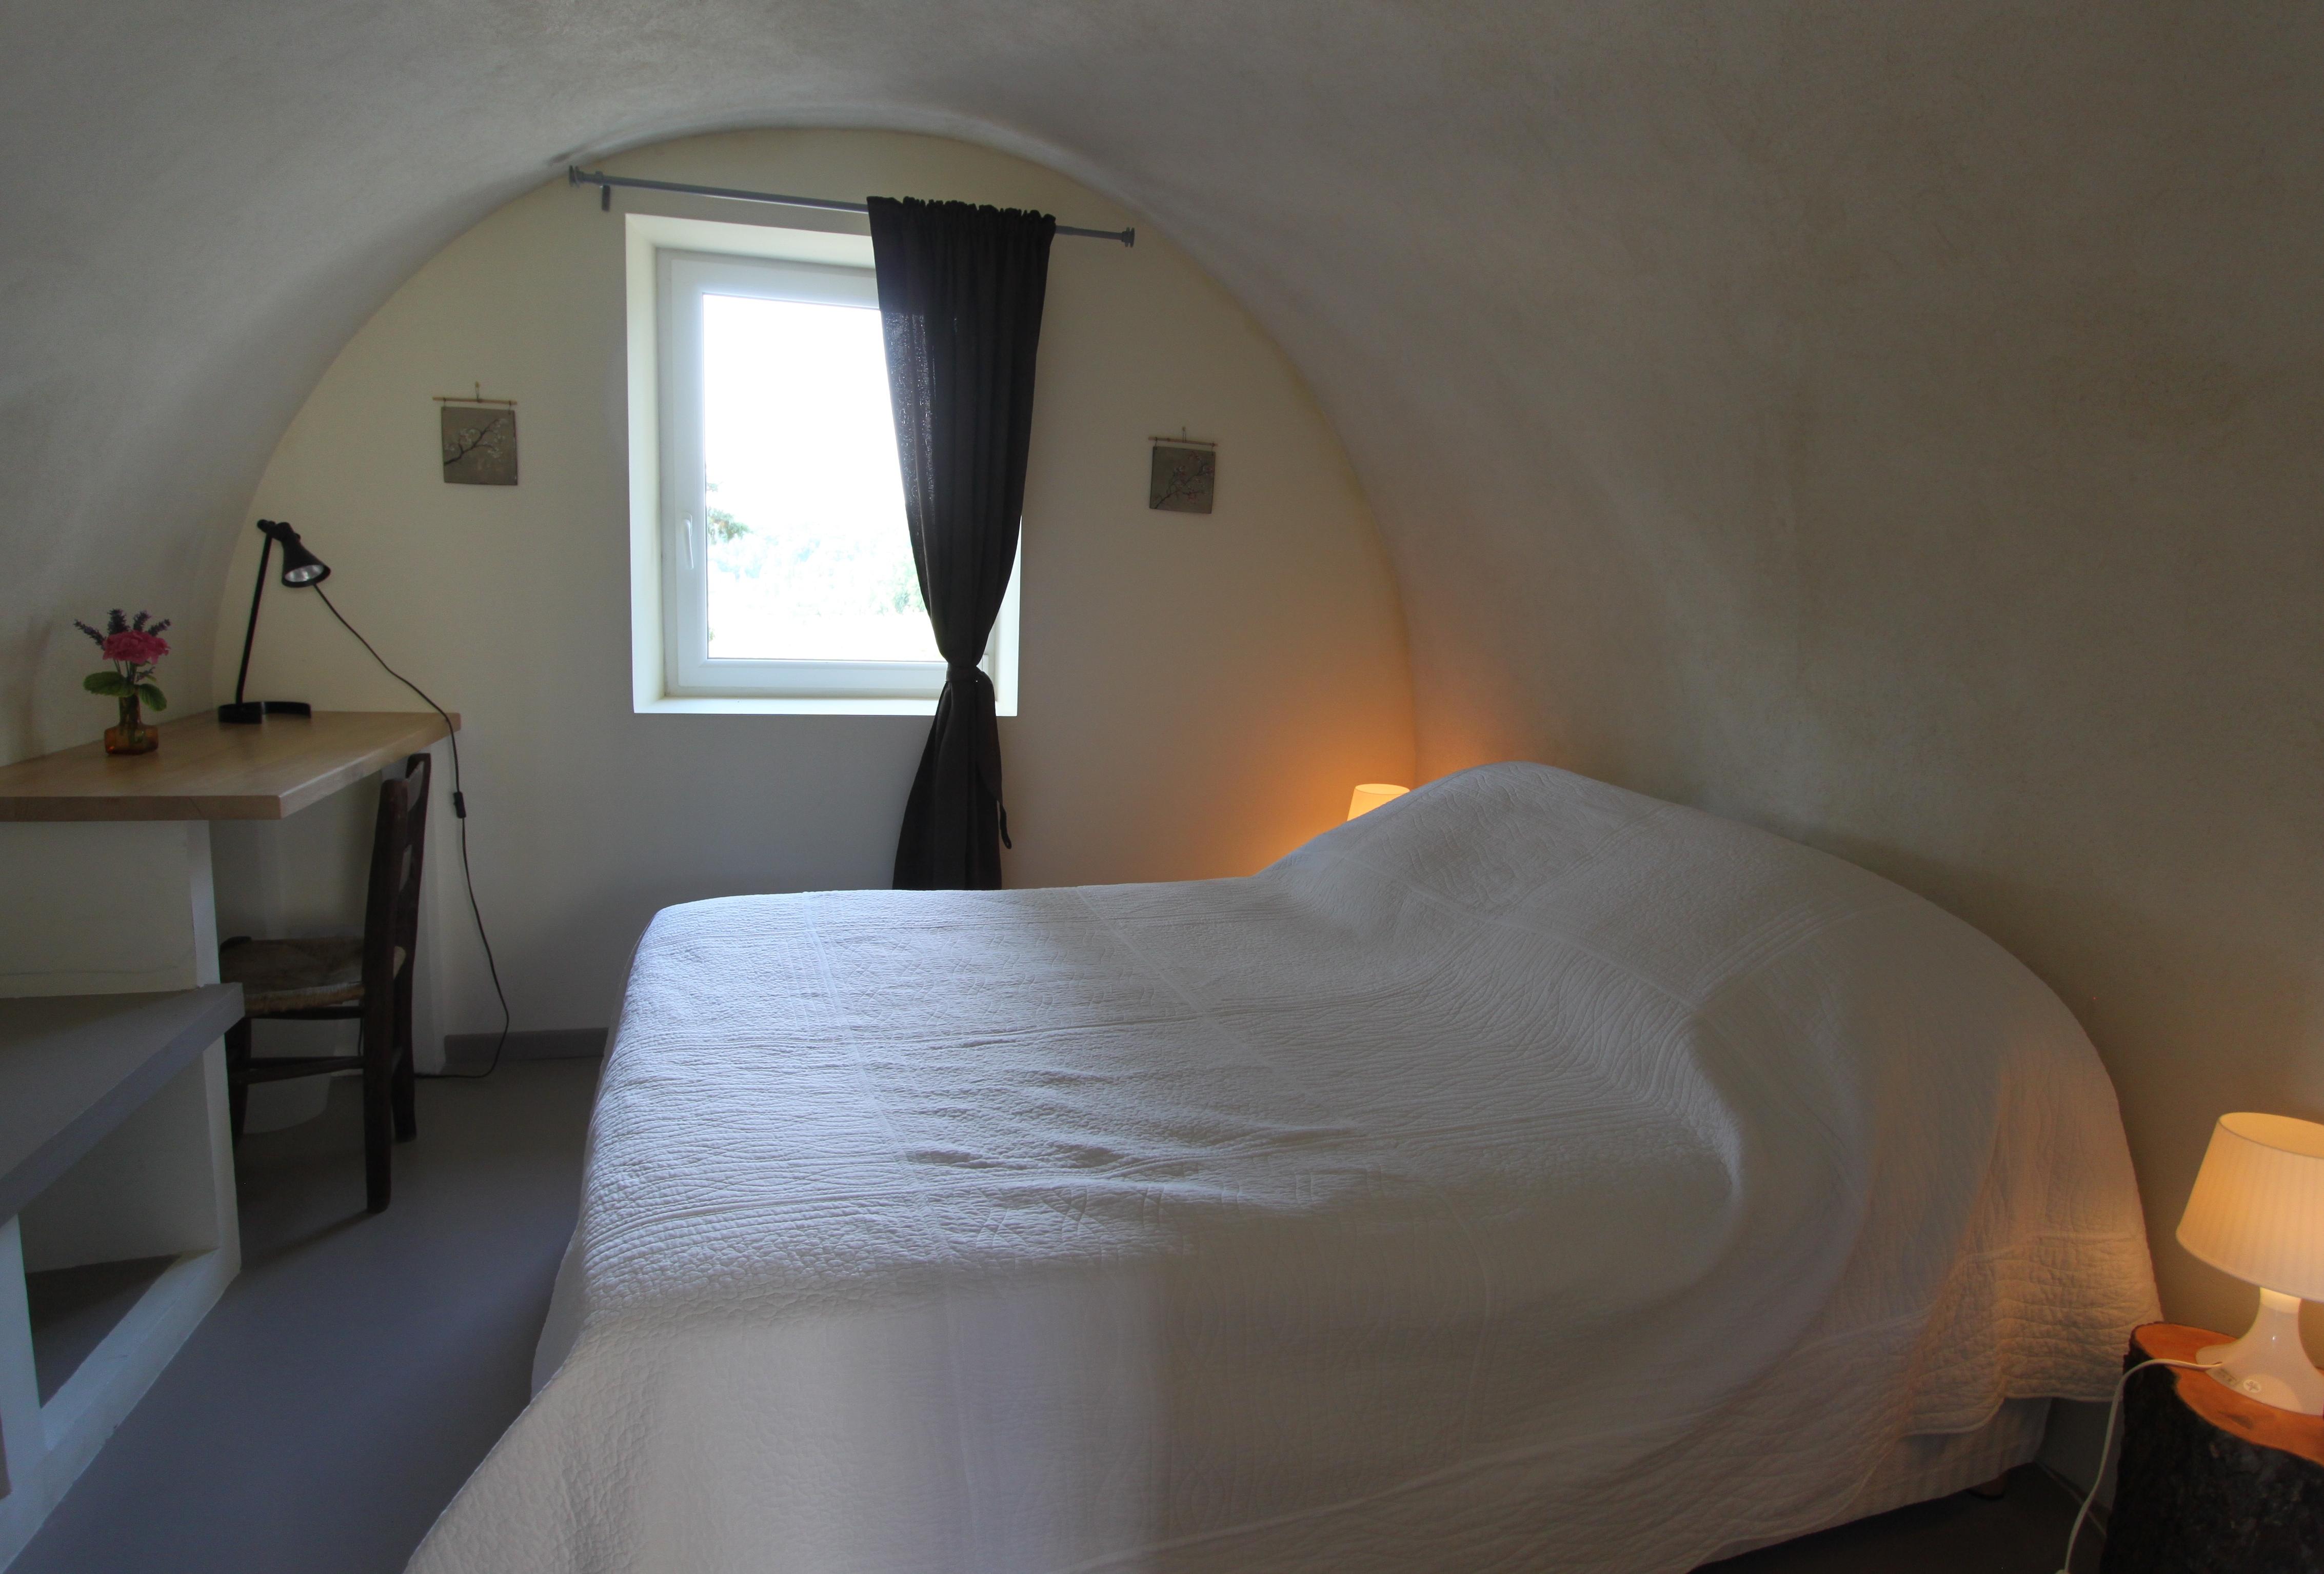 Une des 3 chambres : la chambre voûtée